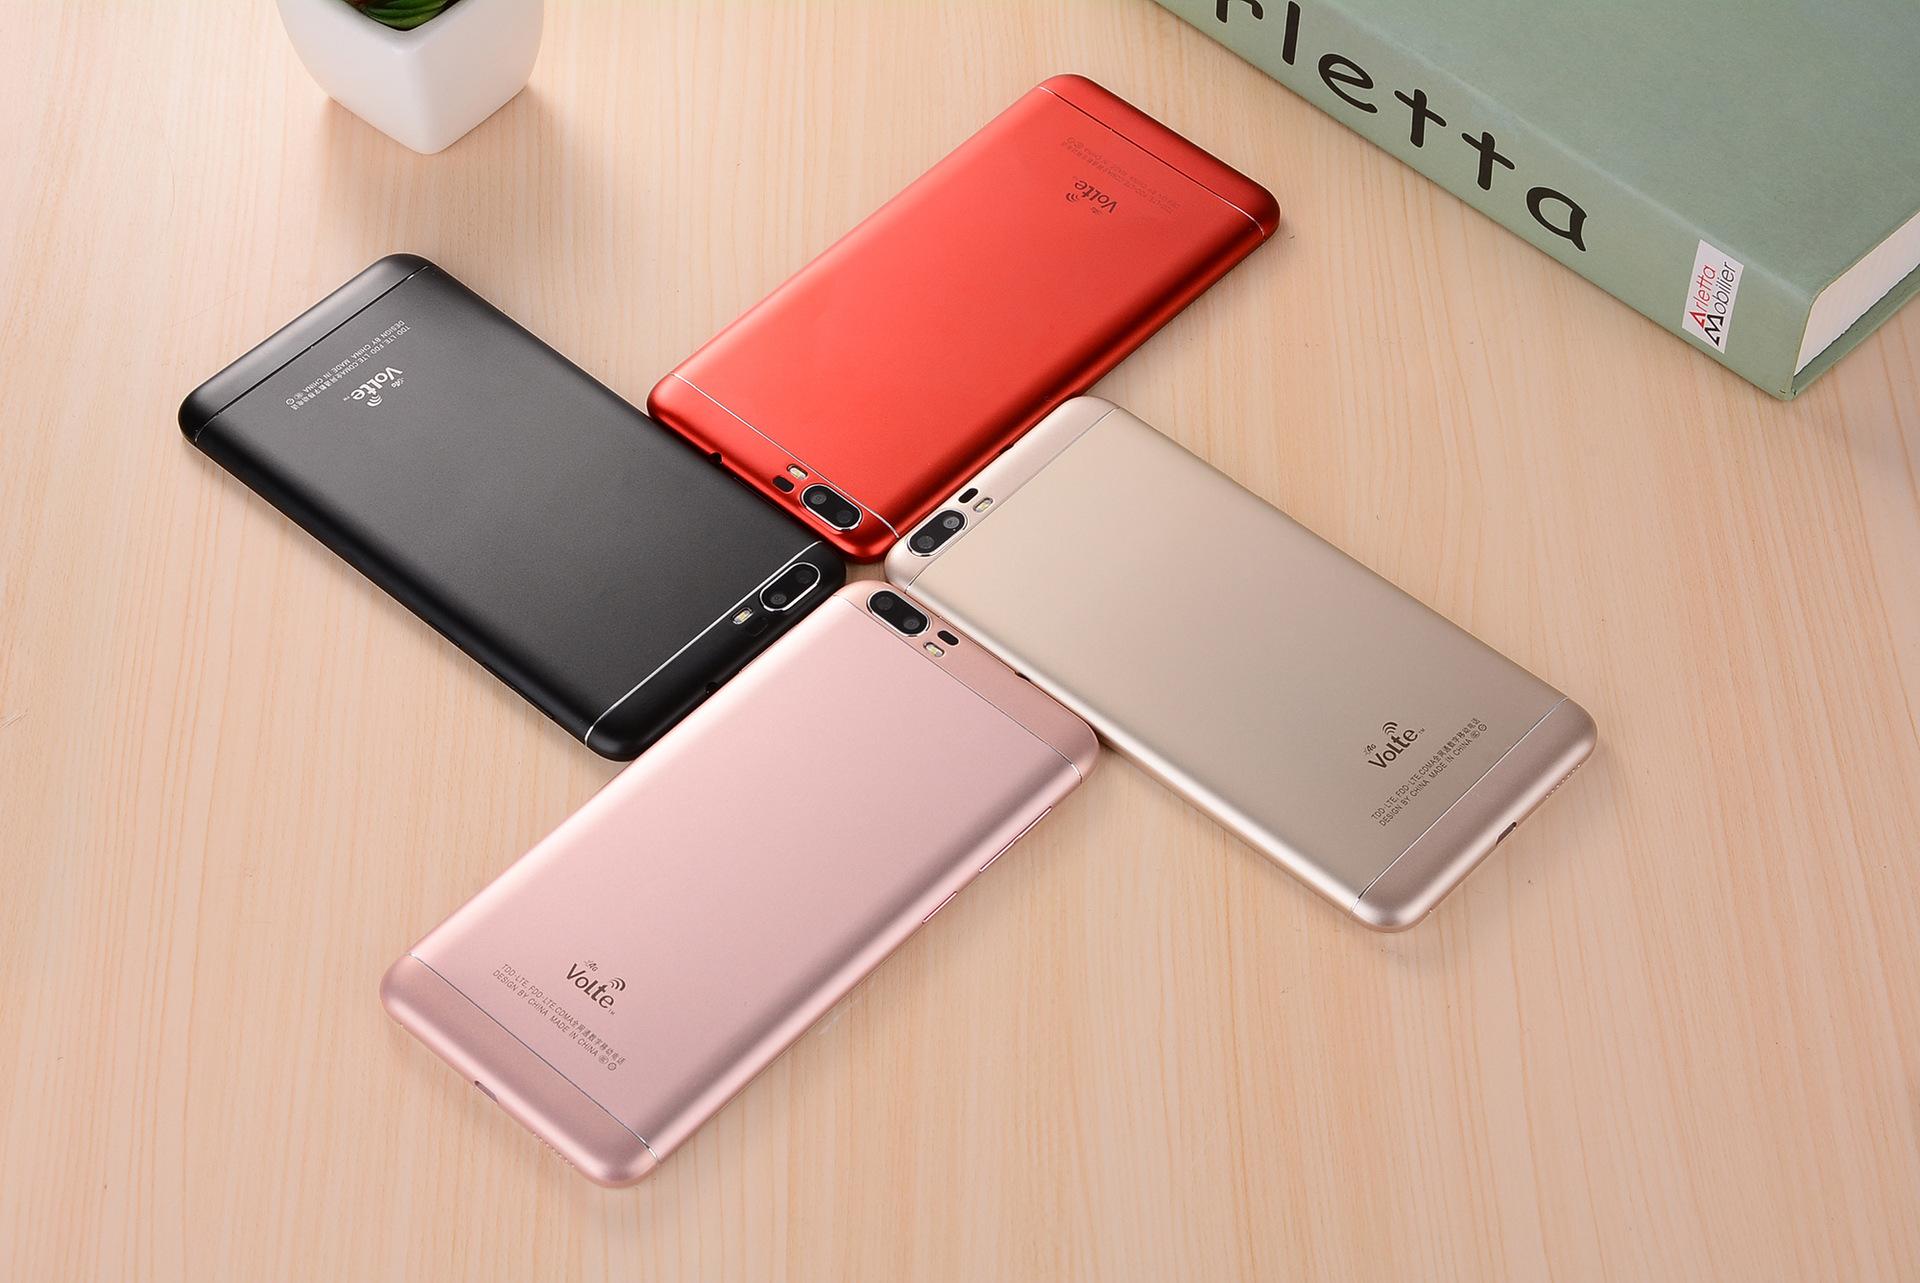 HOOT/ Hồng Động 6 inch K30 TP chống phá tất cả điện thoại di động mở khóa điện thoại thông minh 4G d